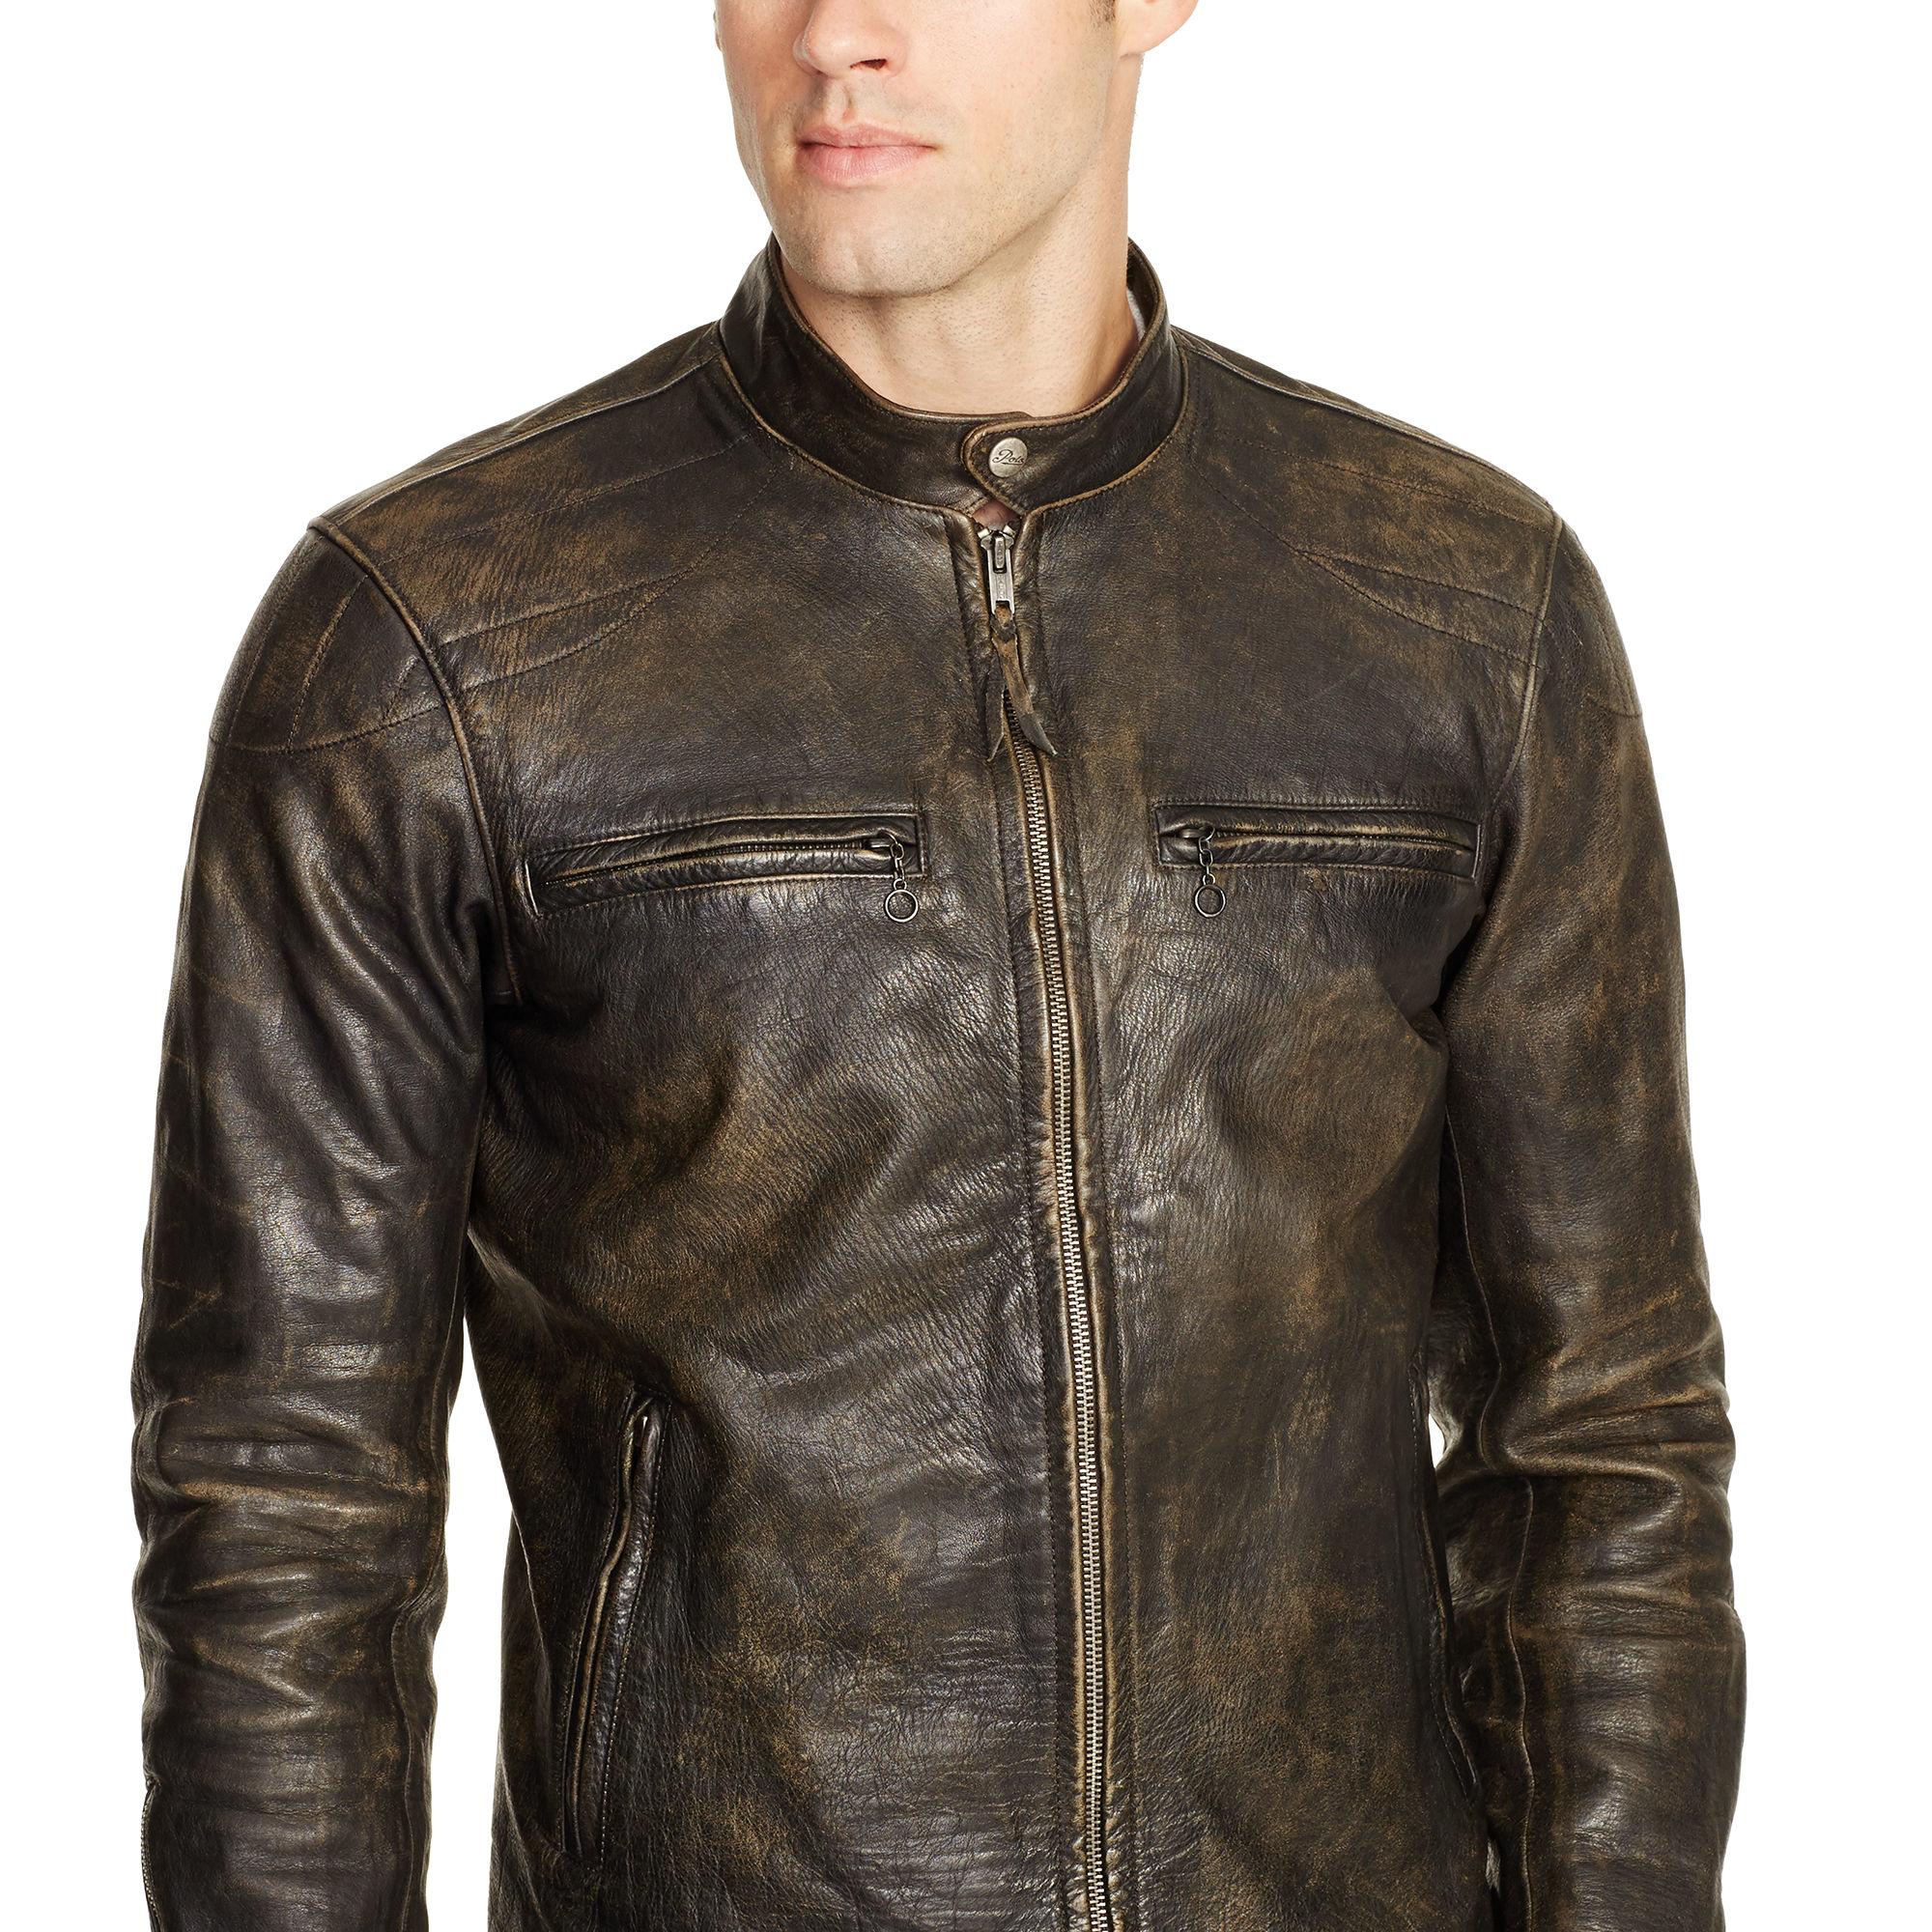 polo ralph lauren leather caf racer jacket in black for. Black Bedroom Furniture Sets. Home Design Ideas